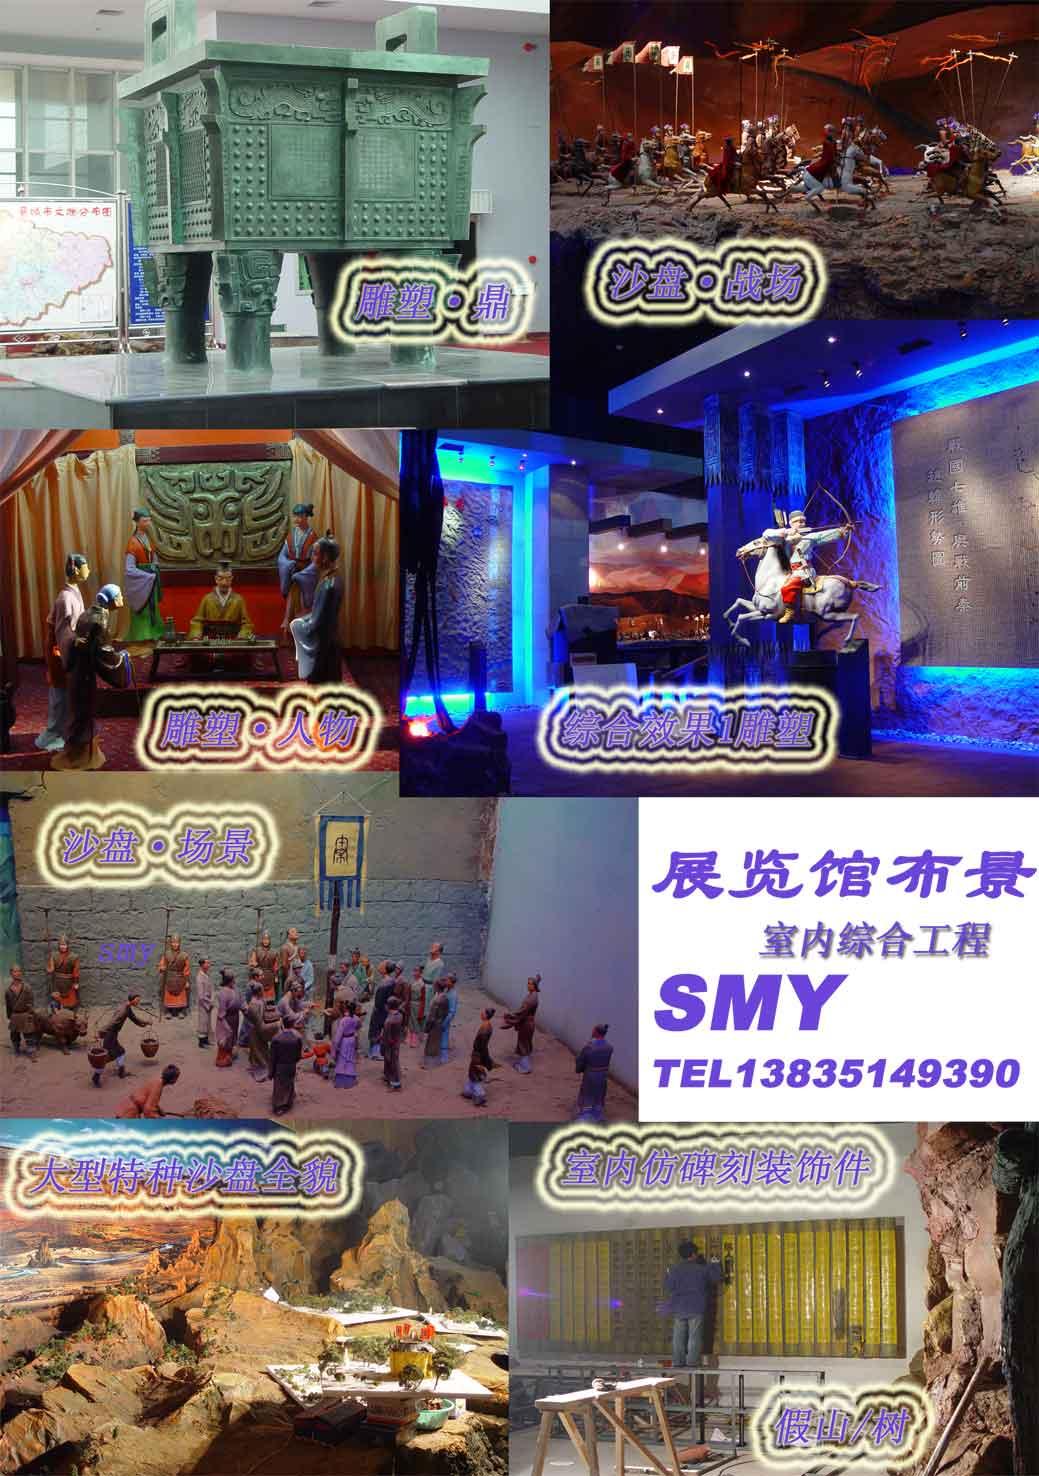 晋城市博物馆综合布景工程